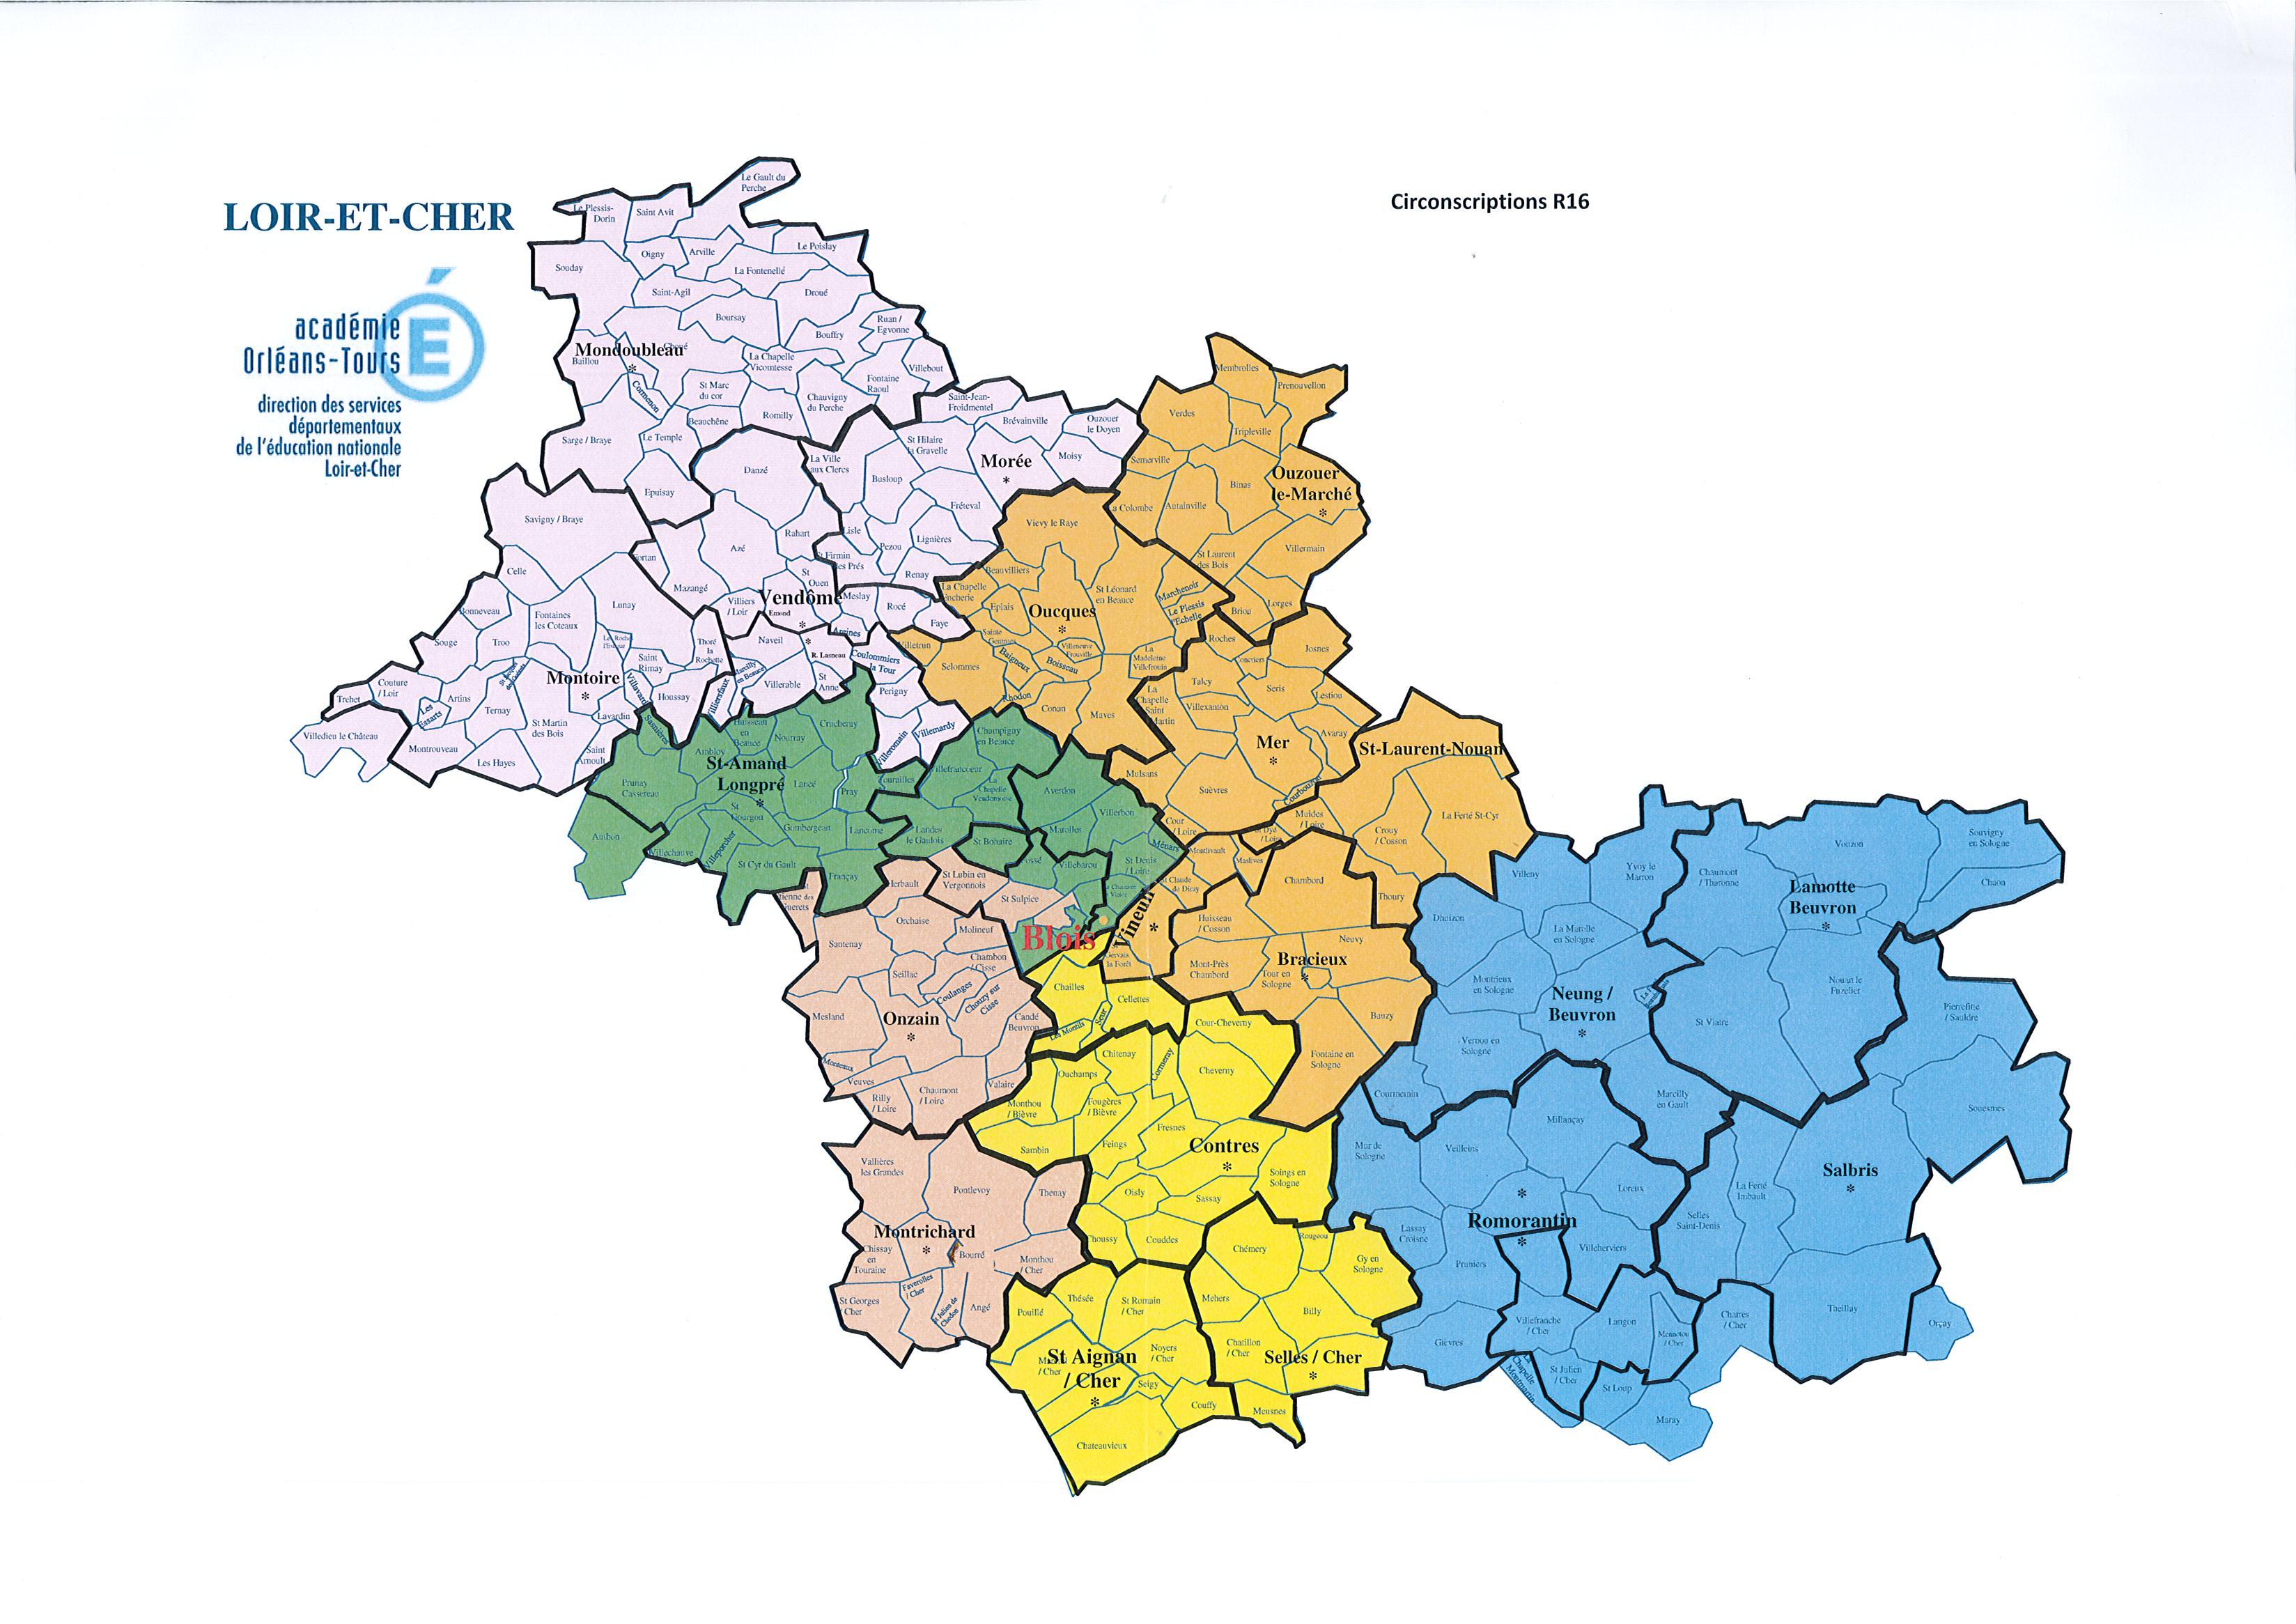 Red coupe des circonscriptions snuipp fsu du loir et cher - Www cuisine en loir et cher fr ...